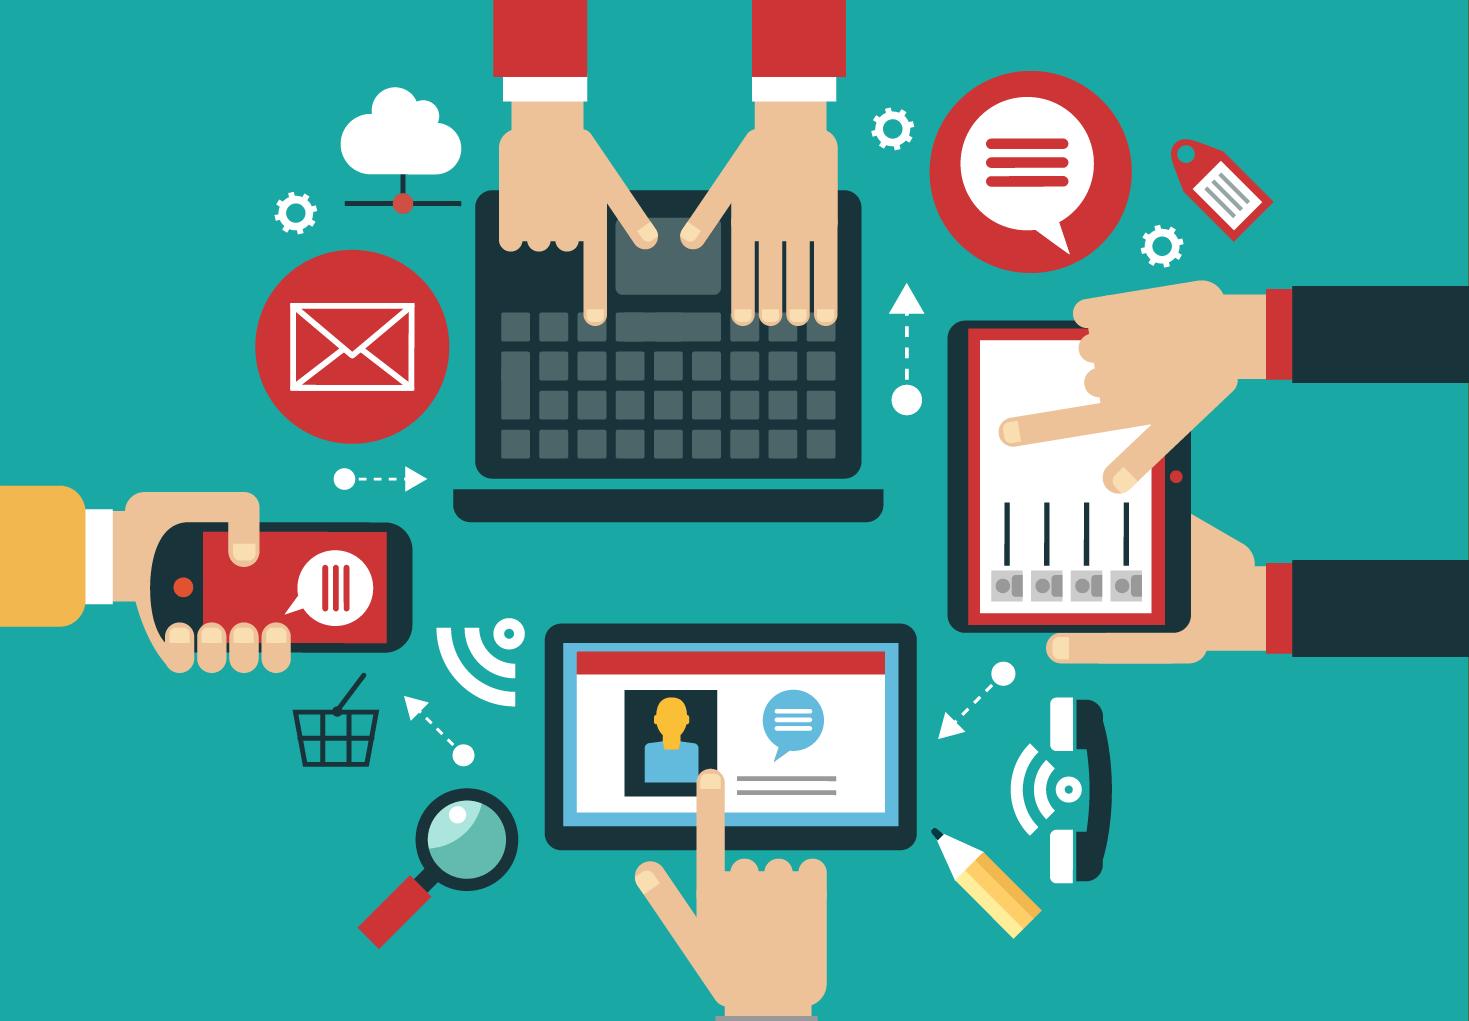 herramientas digitales para hacer crecer tu negocio